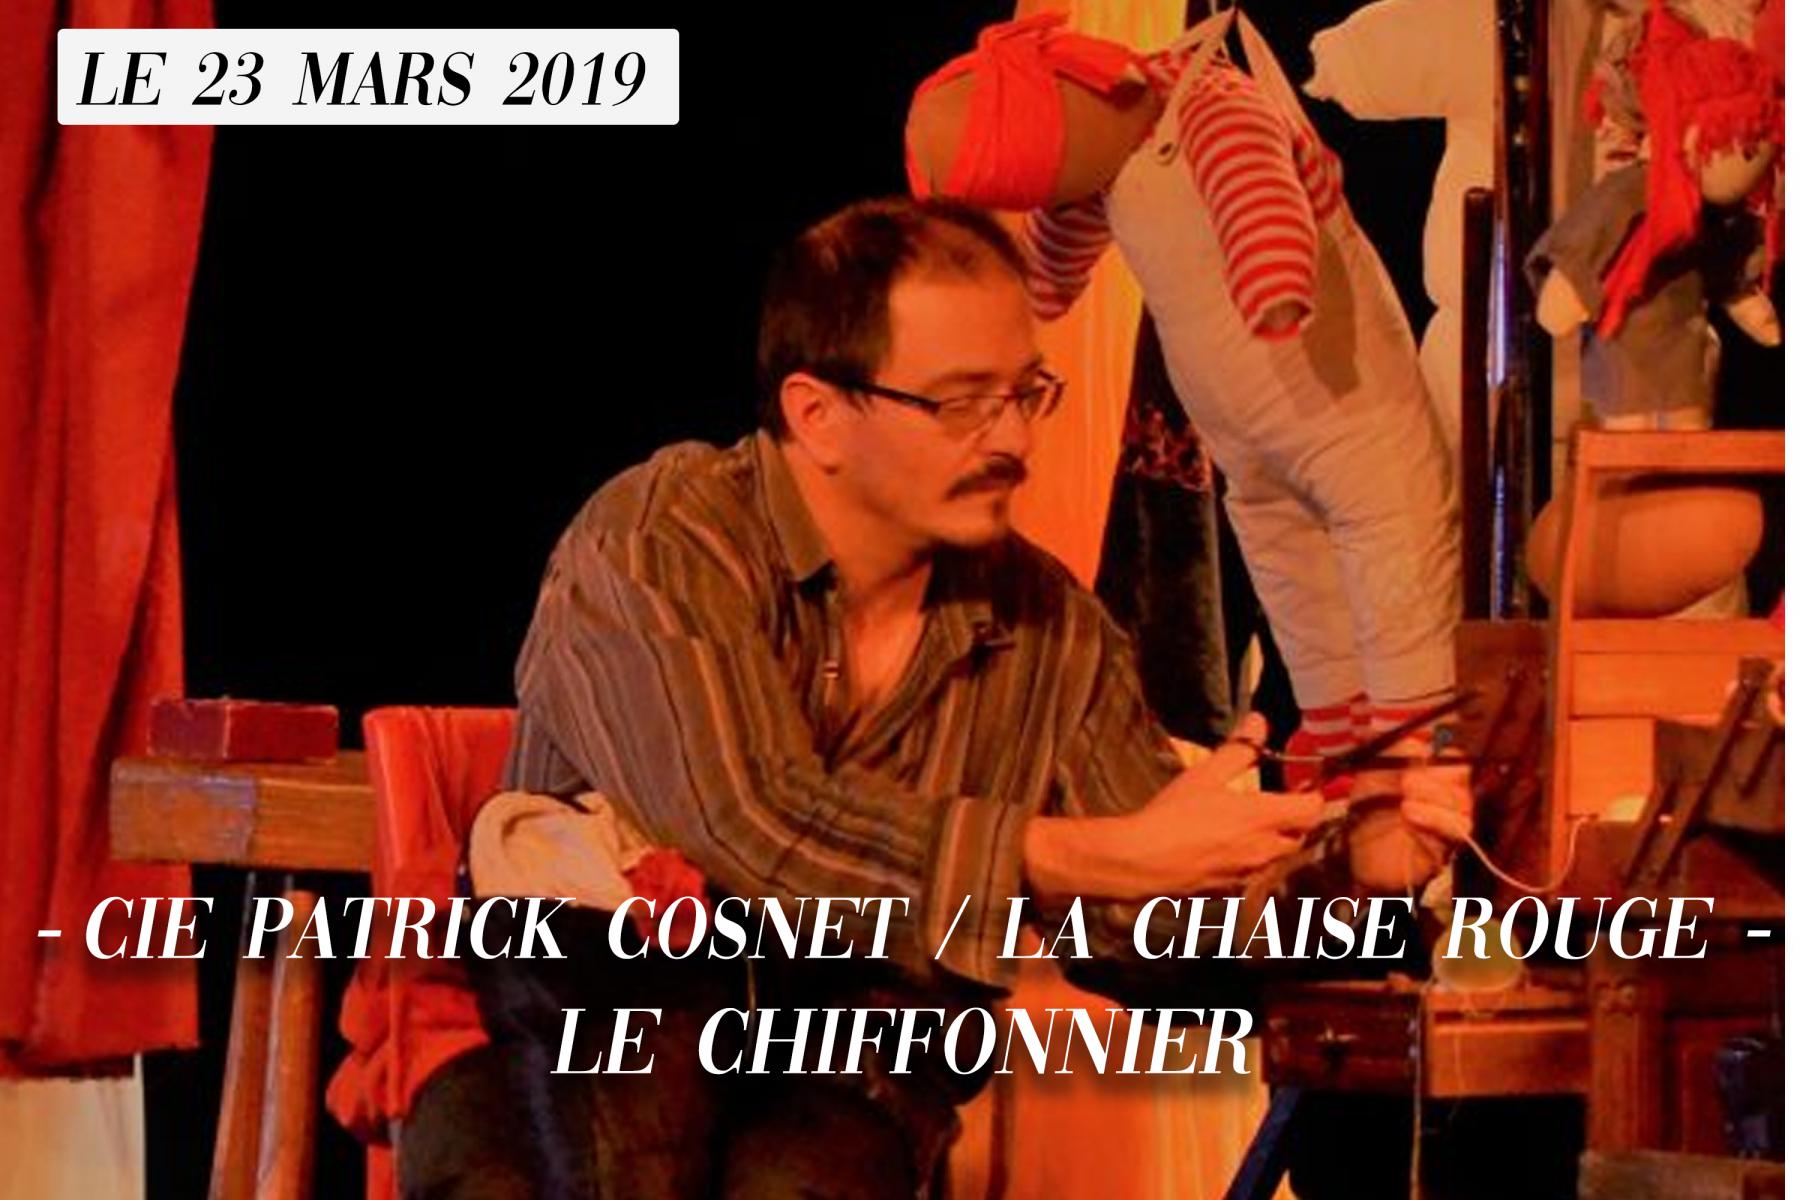 Cie-Patrick-Cosnet-La-chaise-rouge